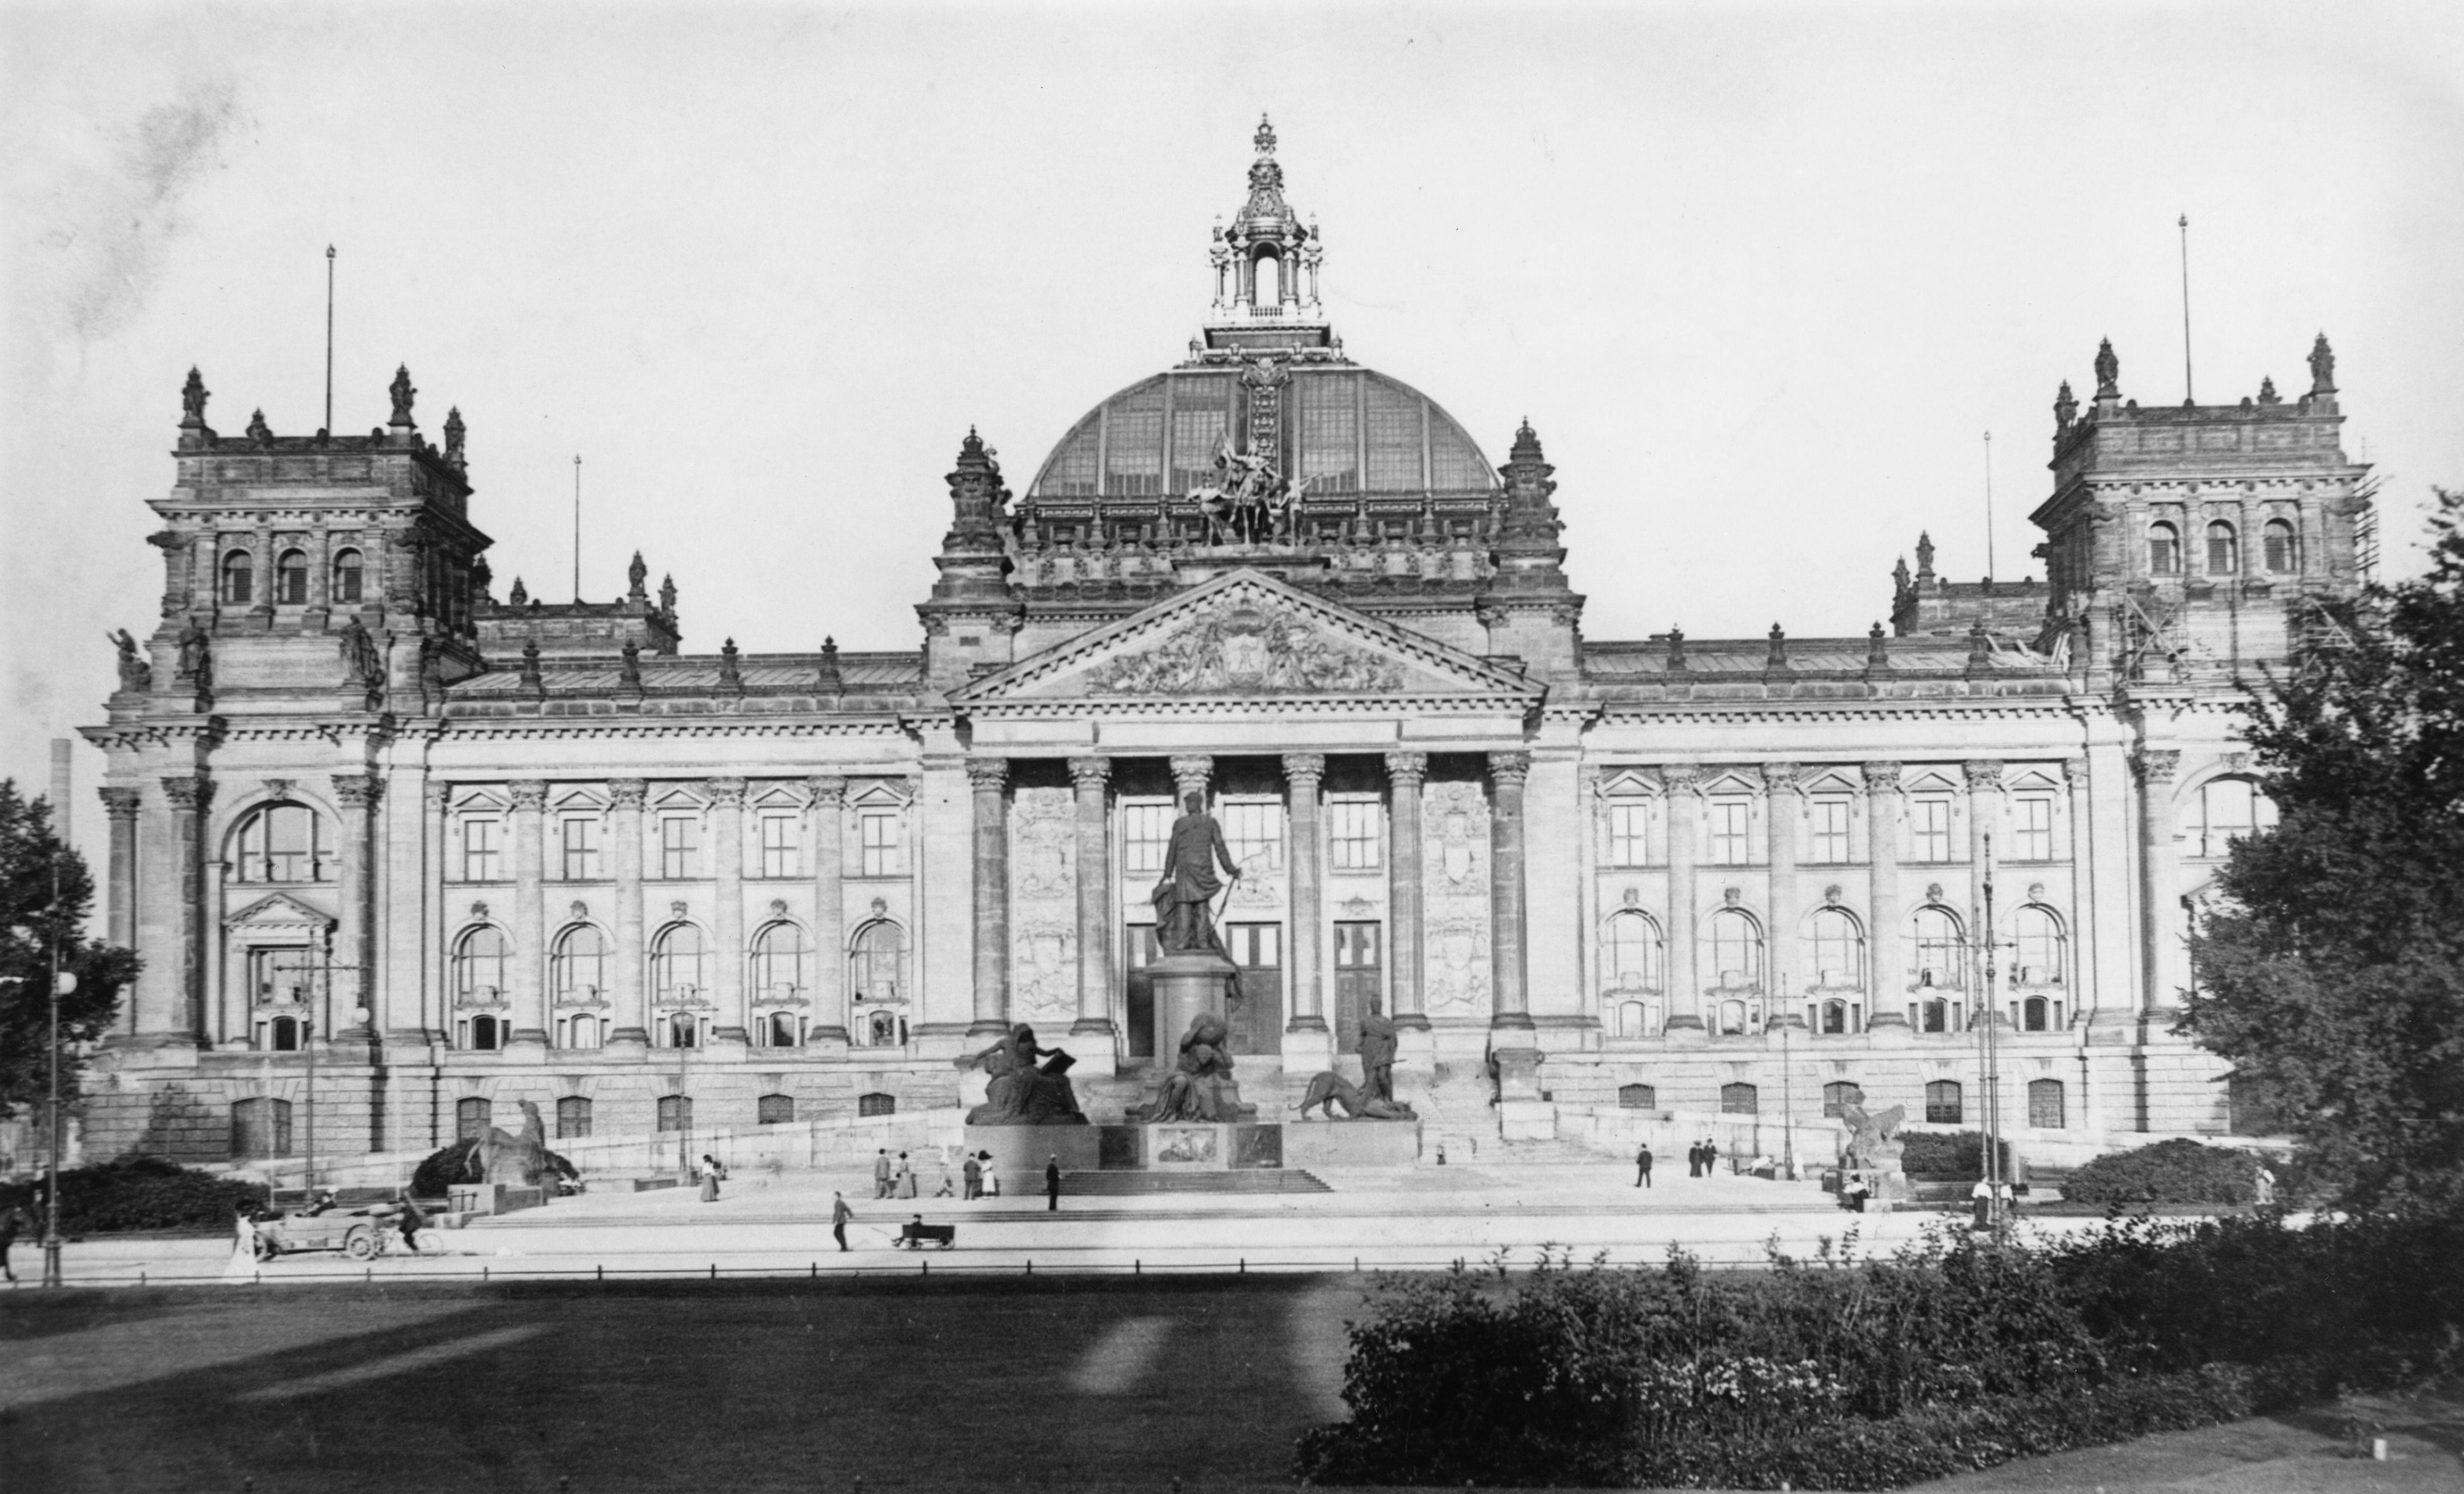 Пожарът в Райхстага е извършен на27 февруари1933г. вечерта. Въпреки усилията напожарникаритесградата е обхваната от пламъци. Пленарната зала е напълно унищожена. Пожарът изиграва голяма роля за укрепването на властта нанацистите.Хитлер и Гьоринг заявяват, че това е заговор накомунистите.Събитието е използвано от режима на Хитлер, който става канцлер месец по-рано.Забранена е Комунистическата партия на Германия.